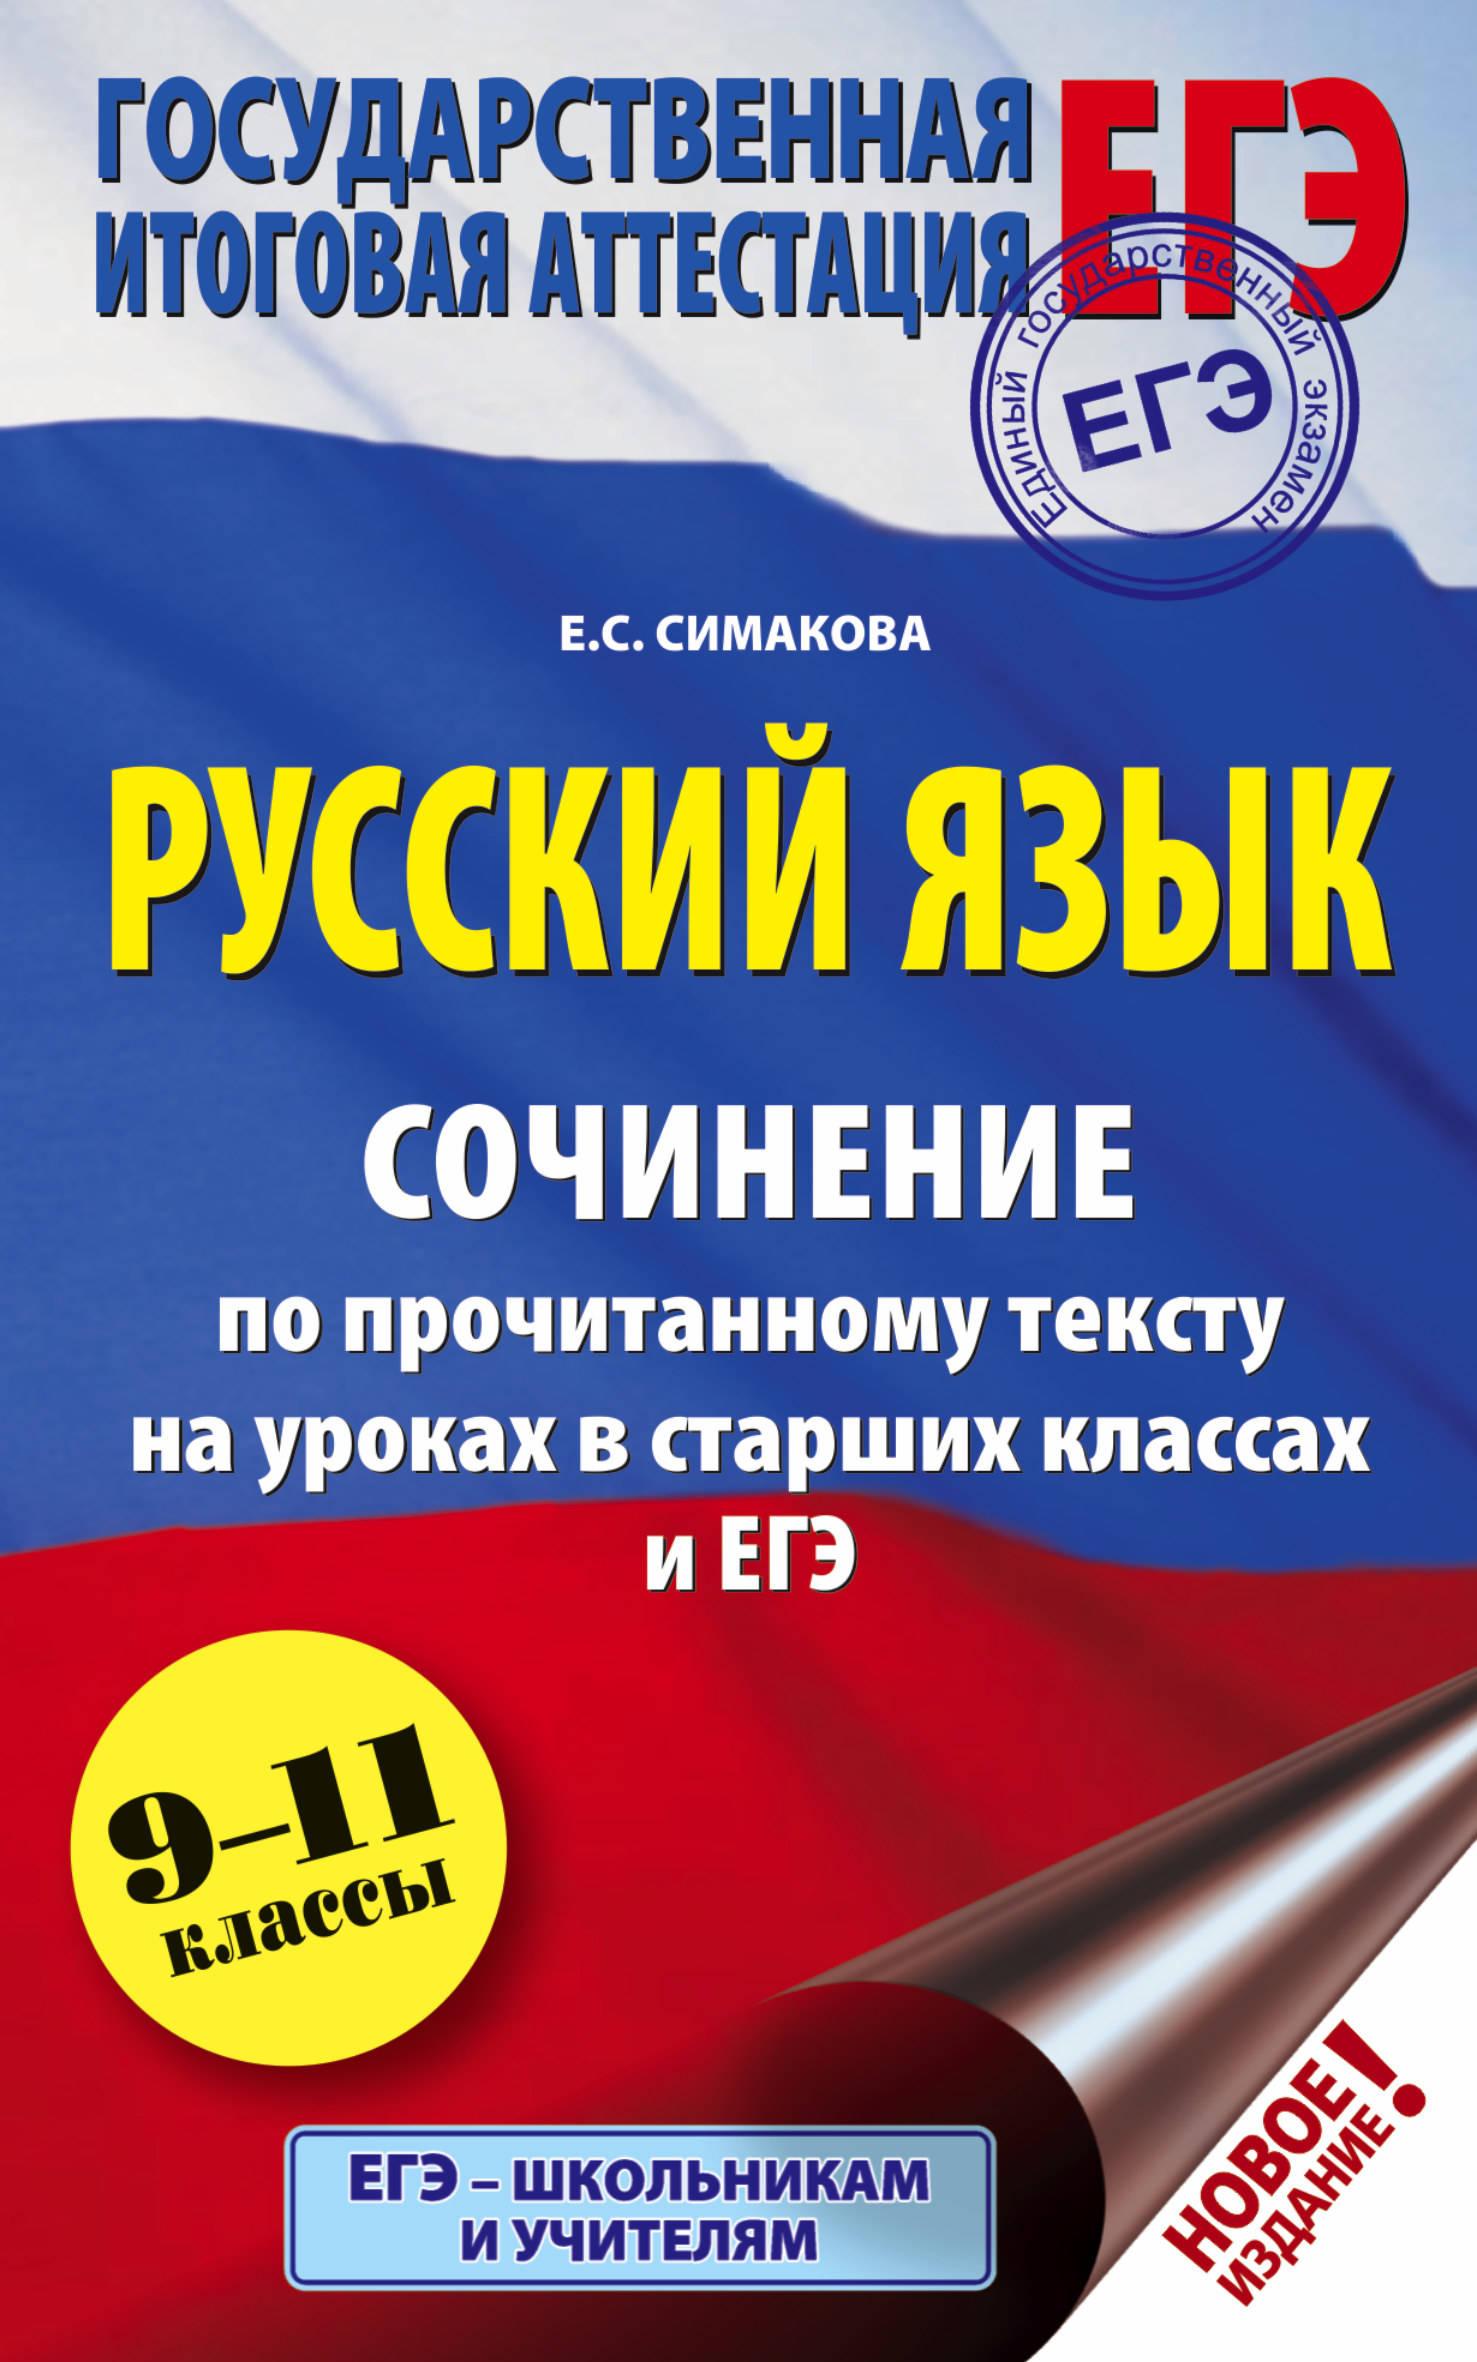 EGE. Russkij jazyk. Sochinenie po prochitannomu tekstu na urokakh v starshikh klassakh i EGE. 9-11 klassy